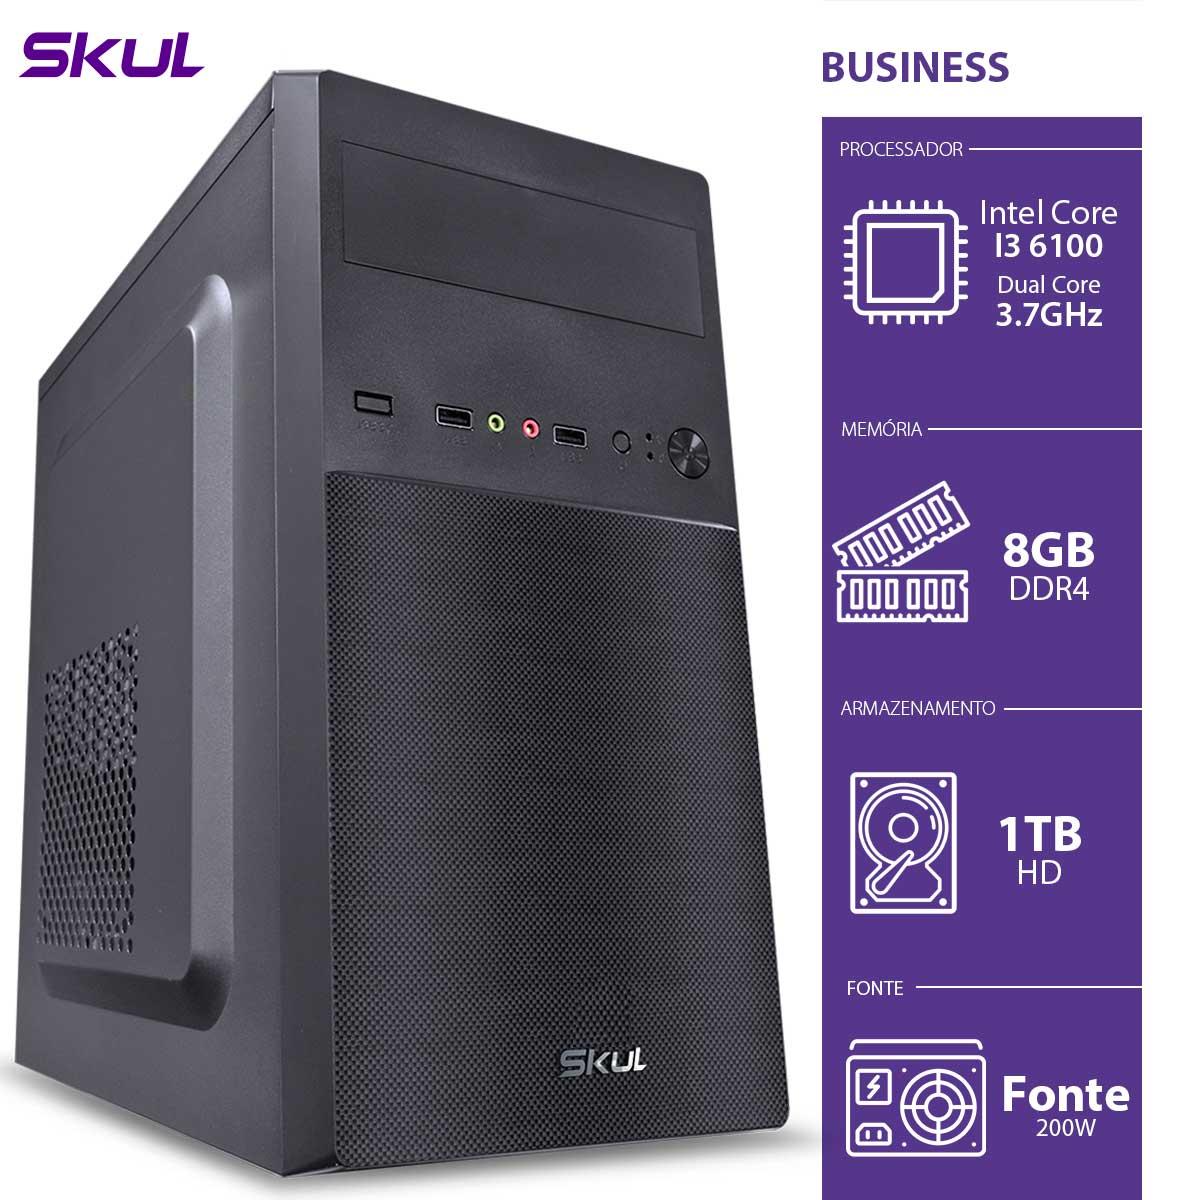 Computador Business B300 - I3-6100 3.7GHZ 8GB DDR4 HD 1TB HDMI/VGA Fonte 200W